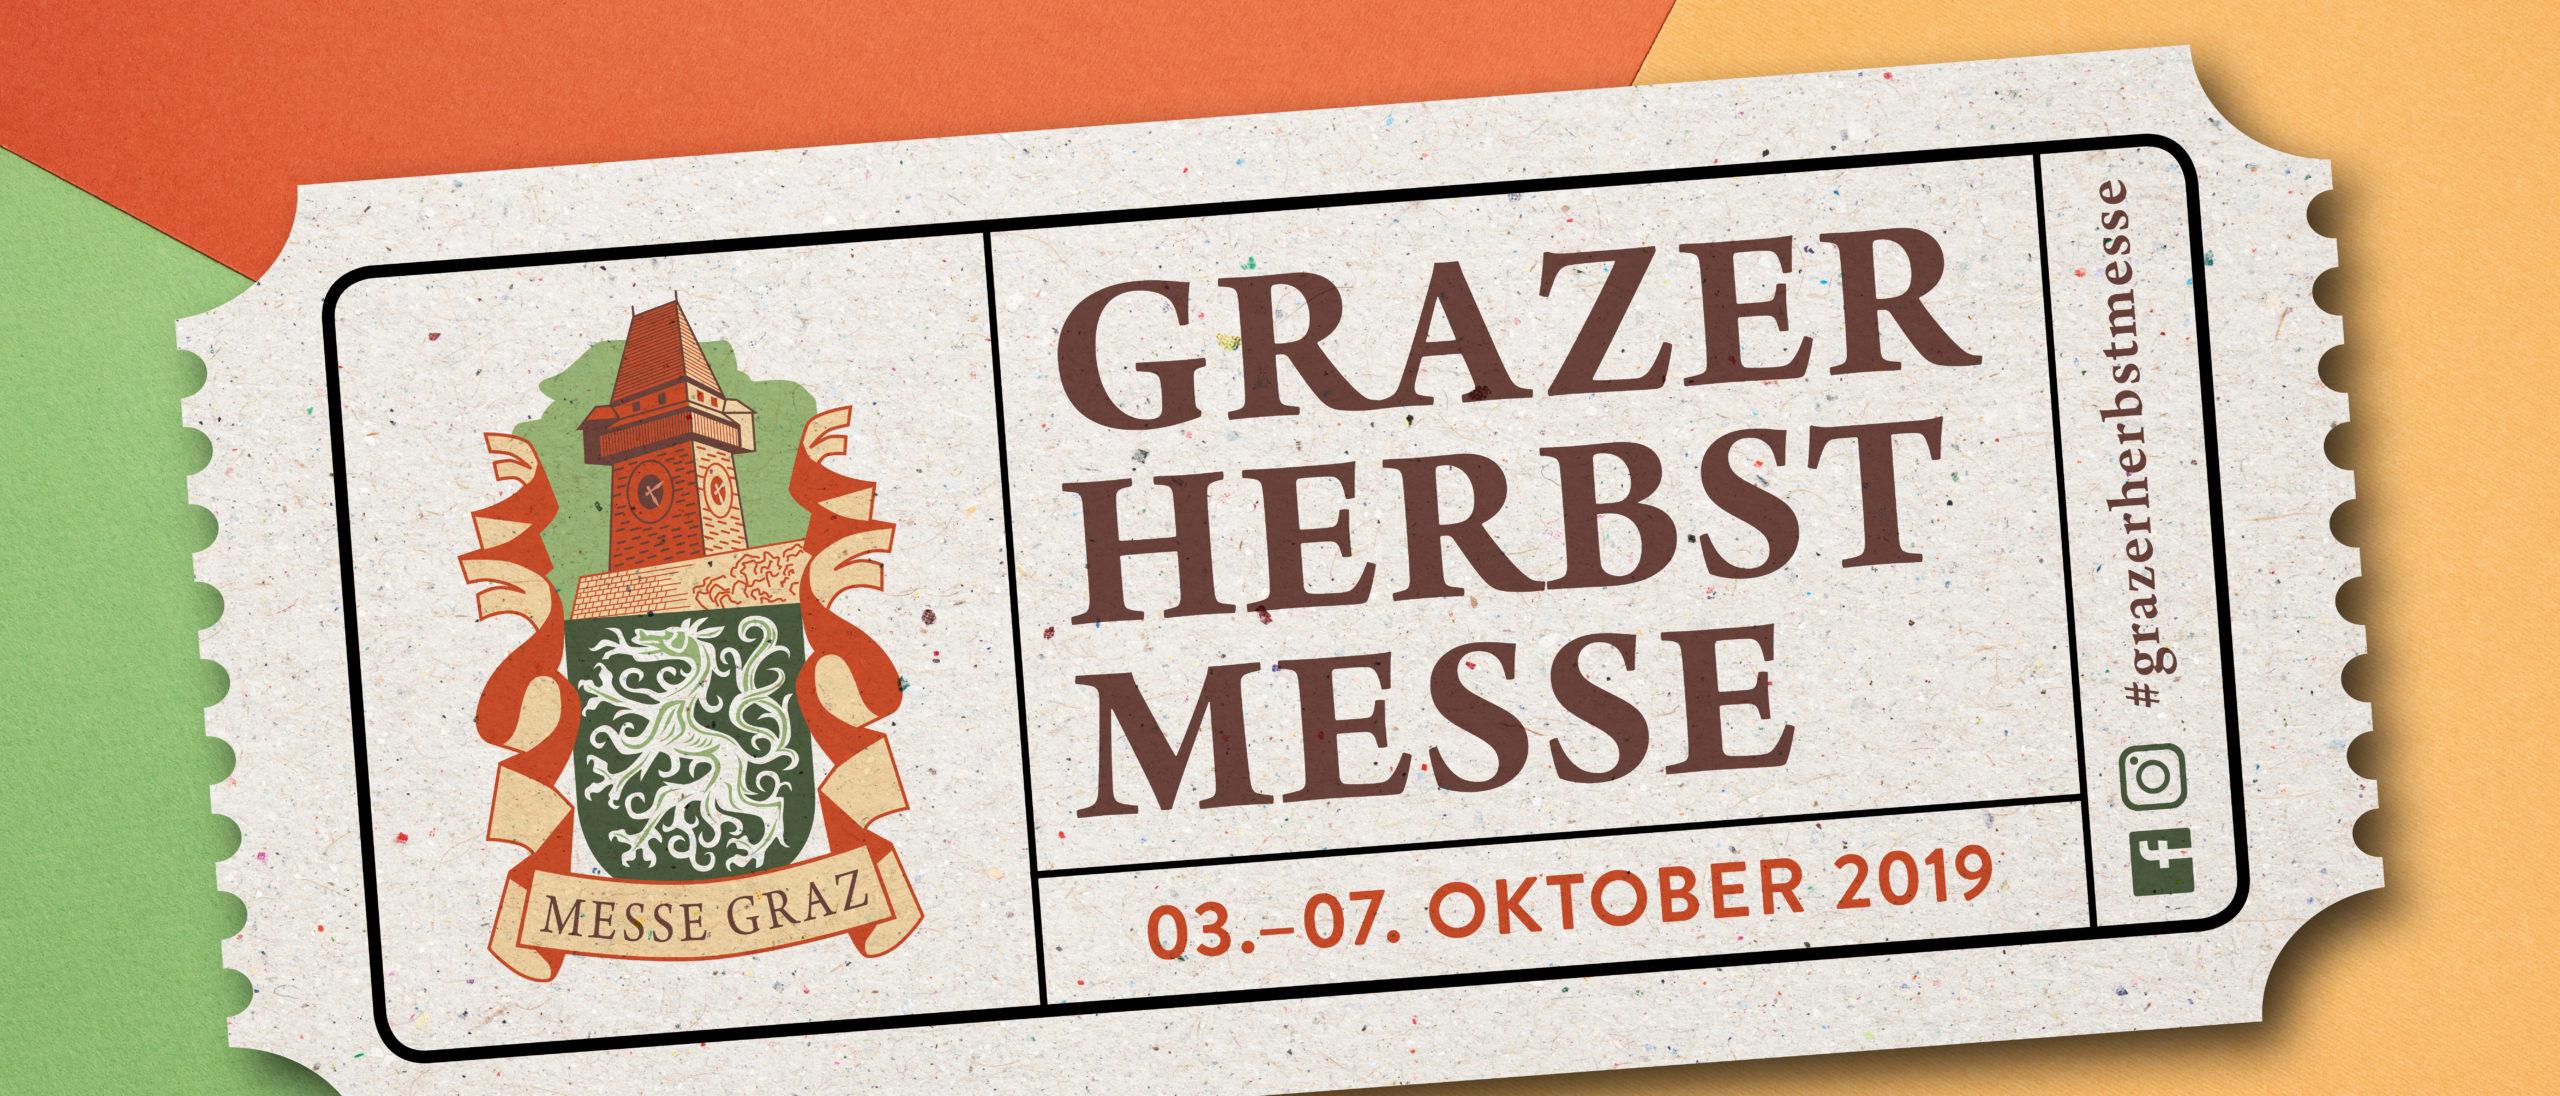 Grazer Herbstmesse 2019